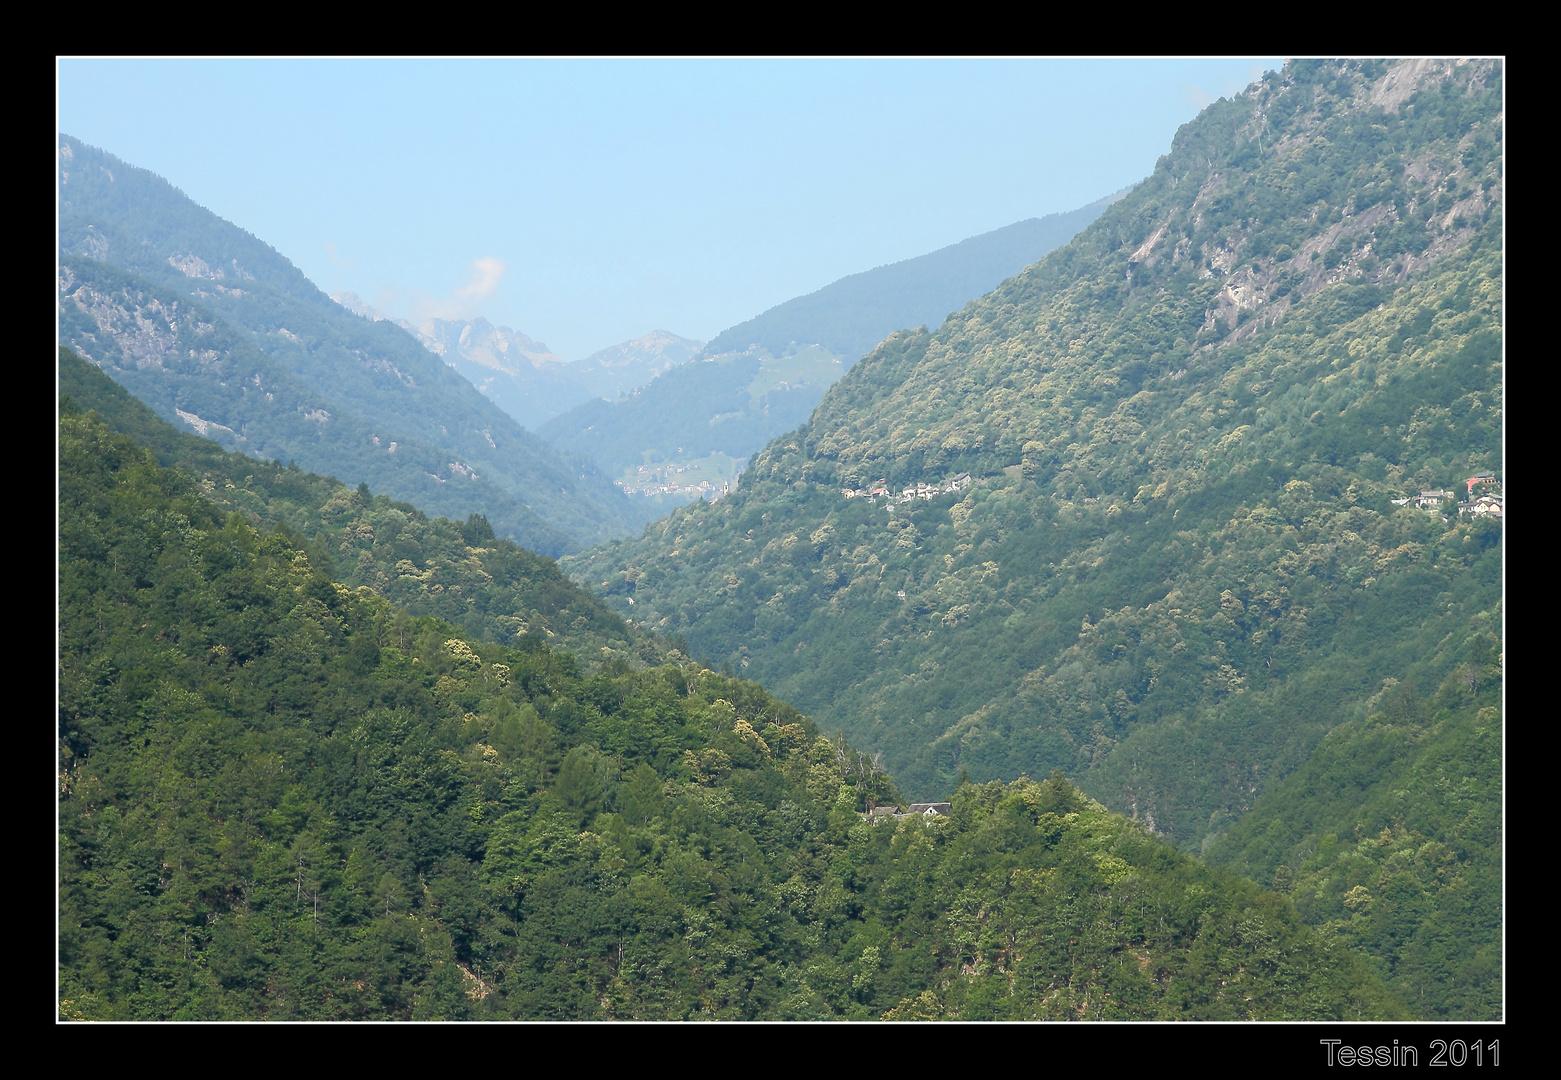 Tessin 2011 Valle Onsernone eng und grün